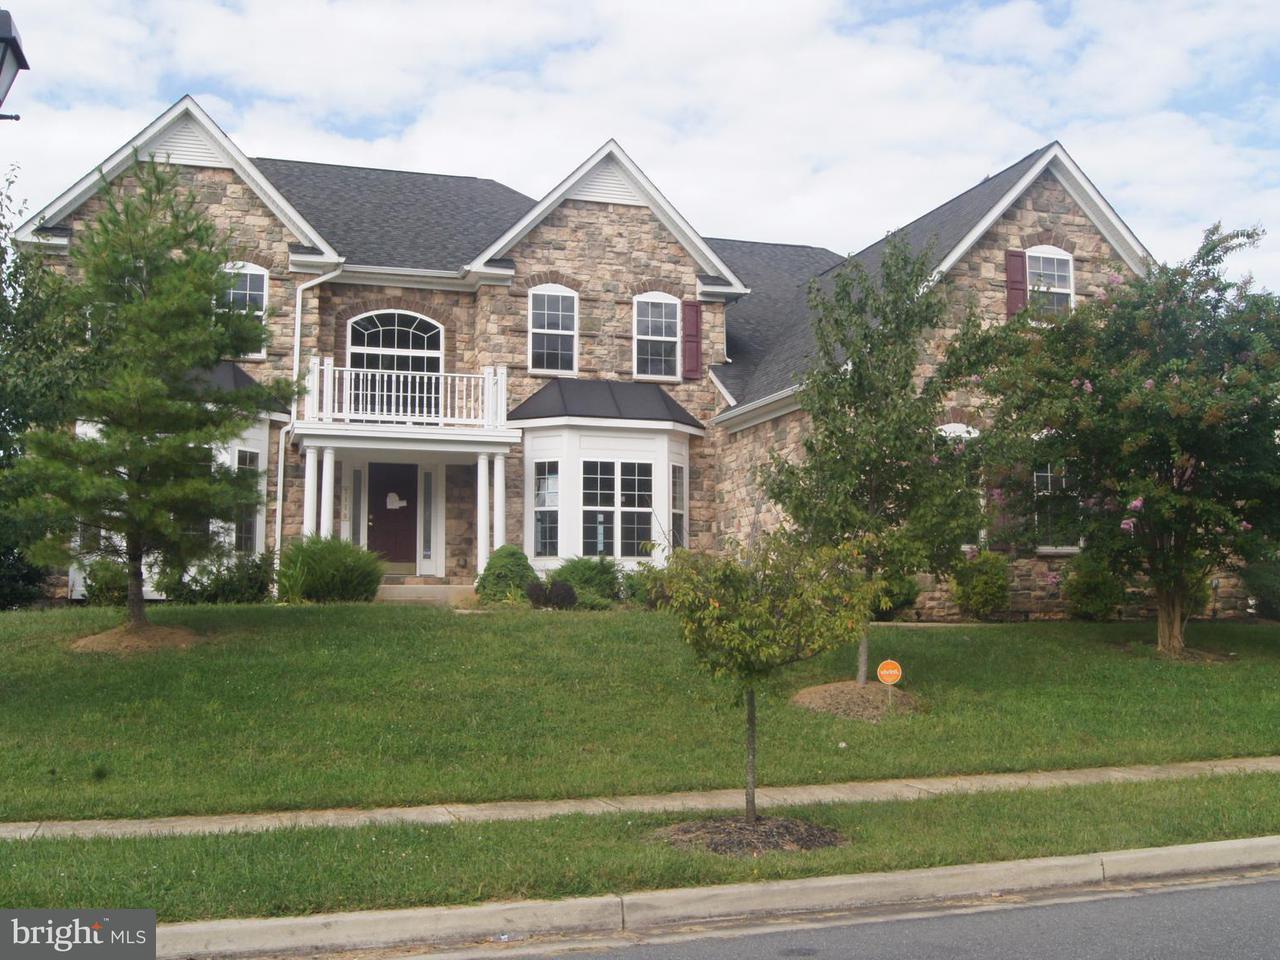 Частный односемейный дом для того Продажа на 7110 GLEN PINE Street 7110 GLEN PINE Street Glenn Dale, Мэриленд 20769 Соединенные Штаты